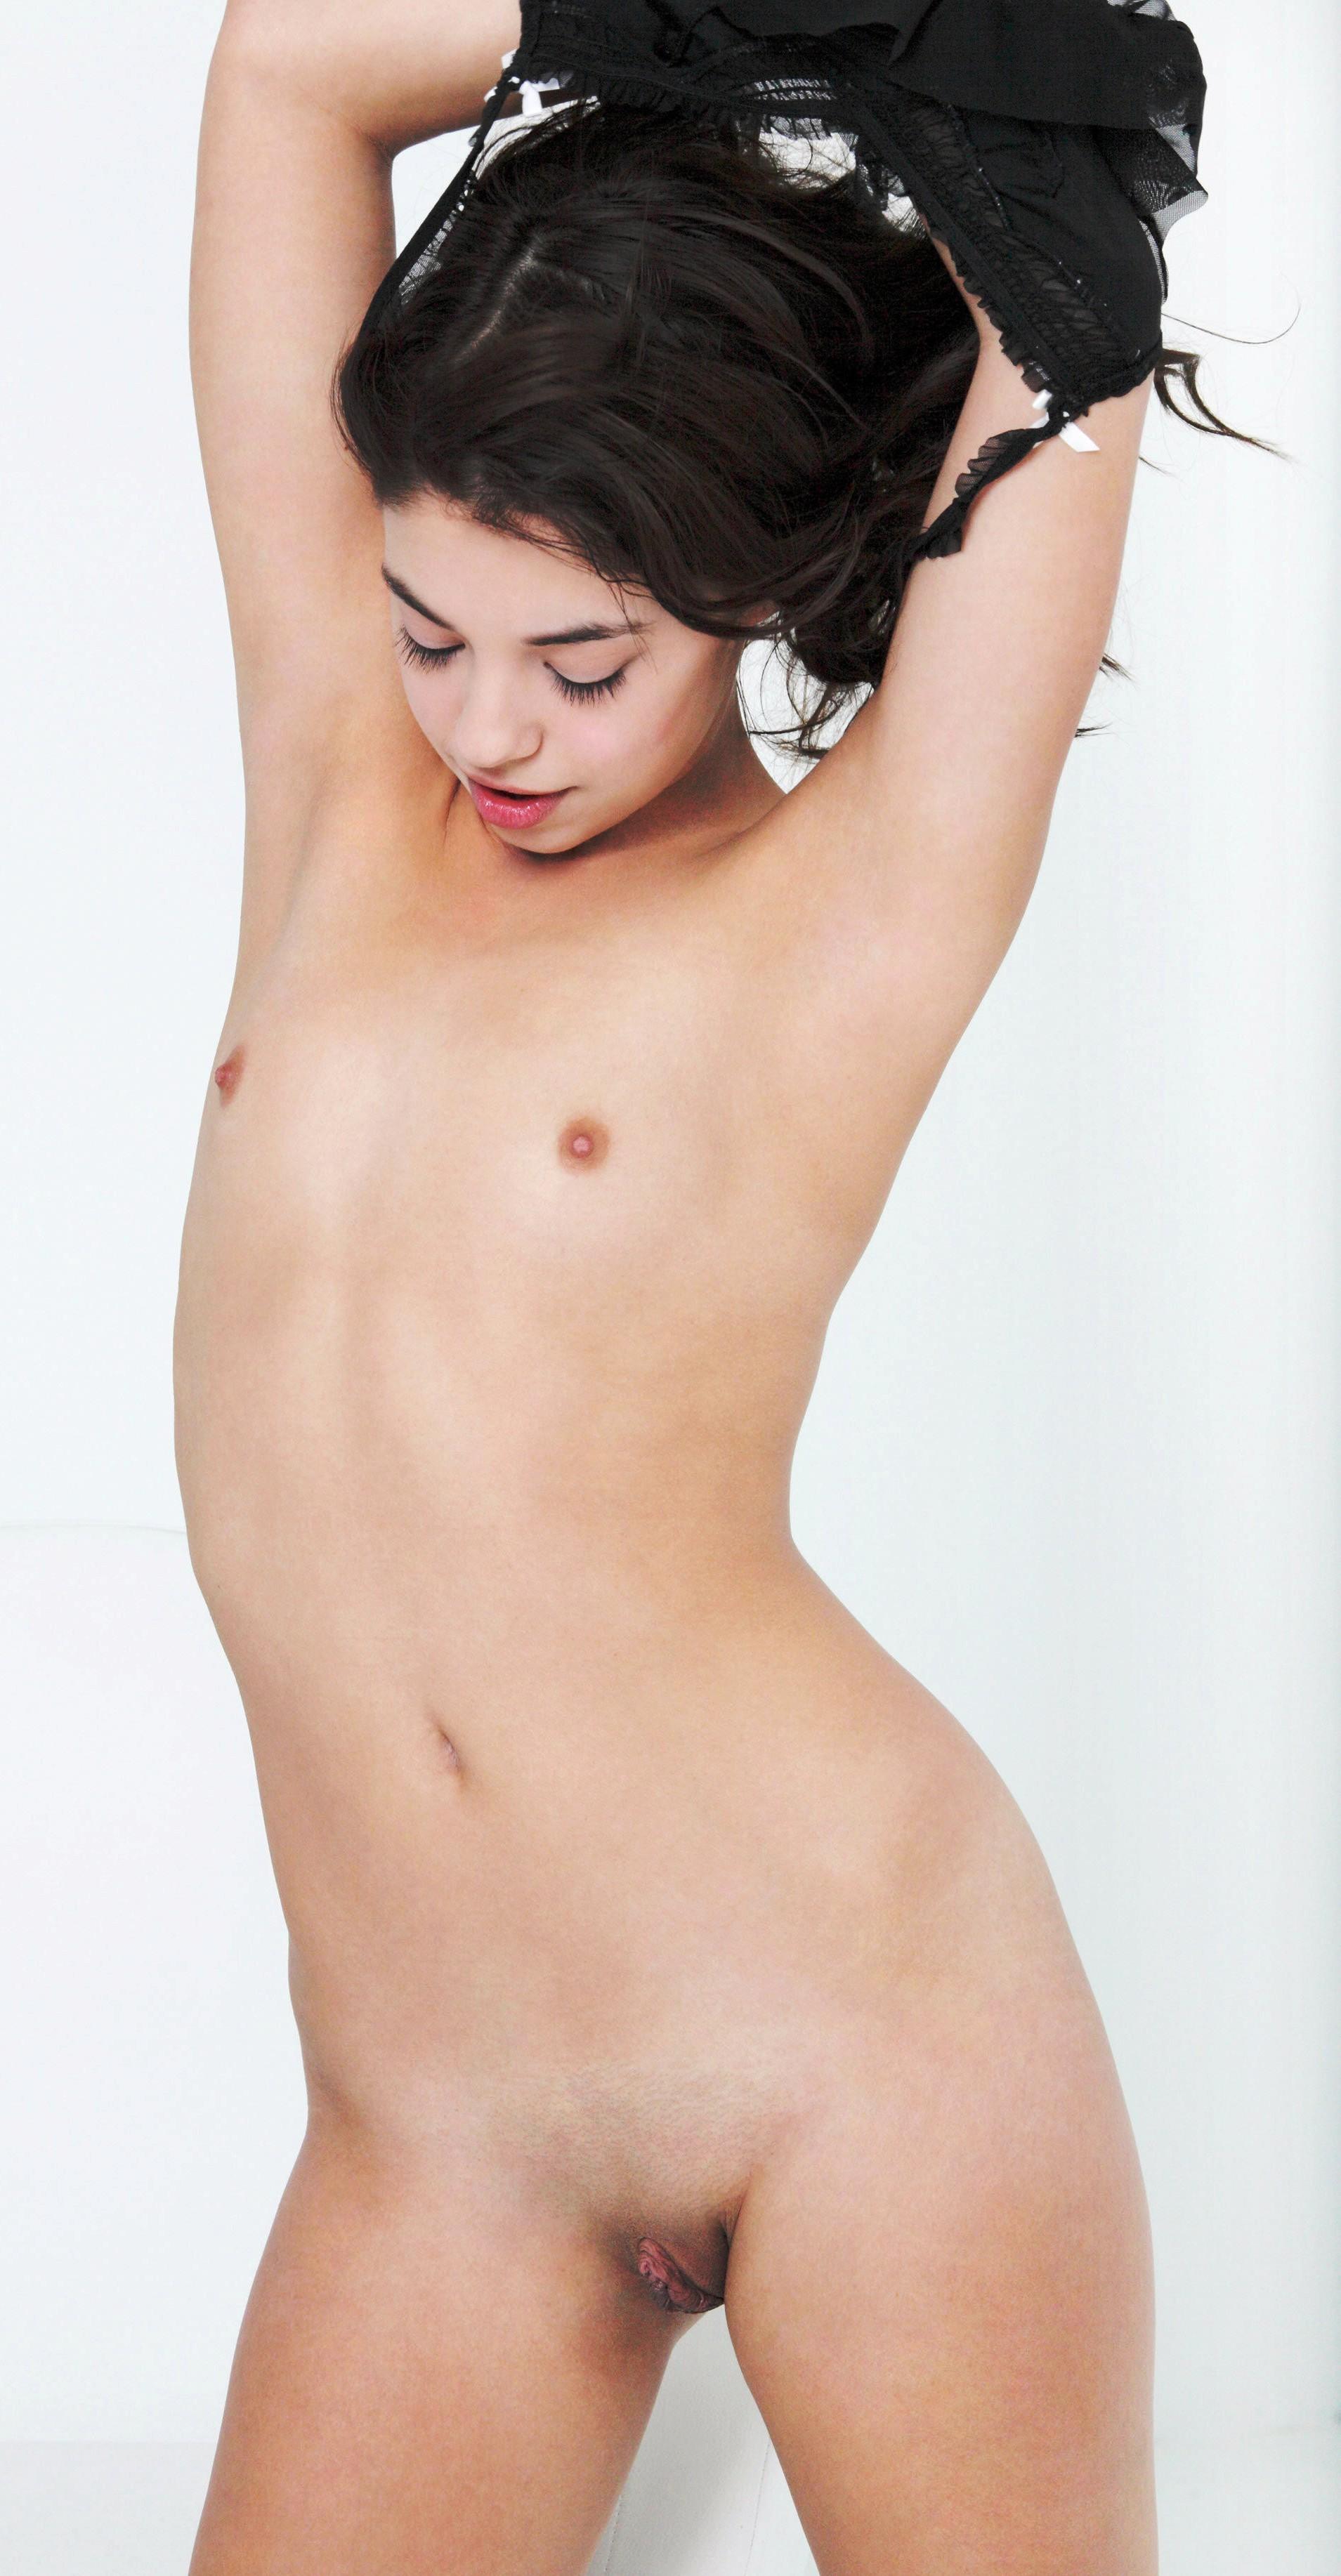 Сексуальные девушки с небольшими сиськами эротично позирует голыми